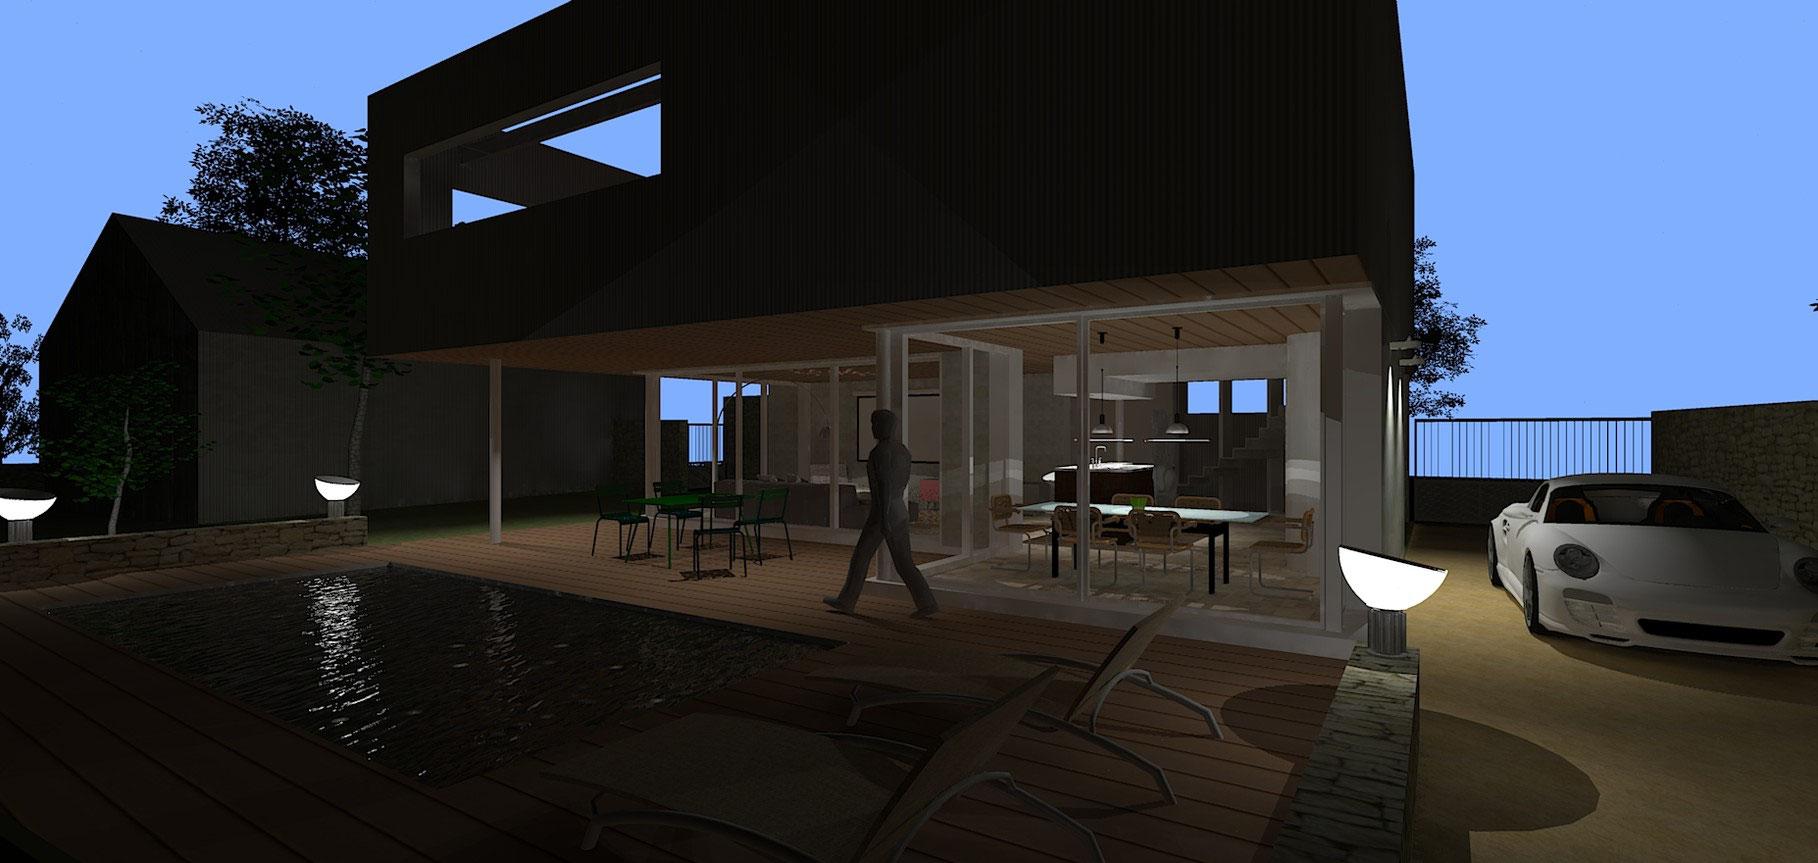 Maison Ossature Métallique Contemporaine modèle royan - hervé brémaud - maitre d'oeuvre bâtiment